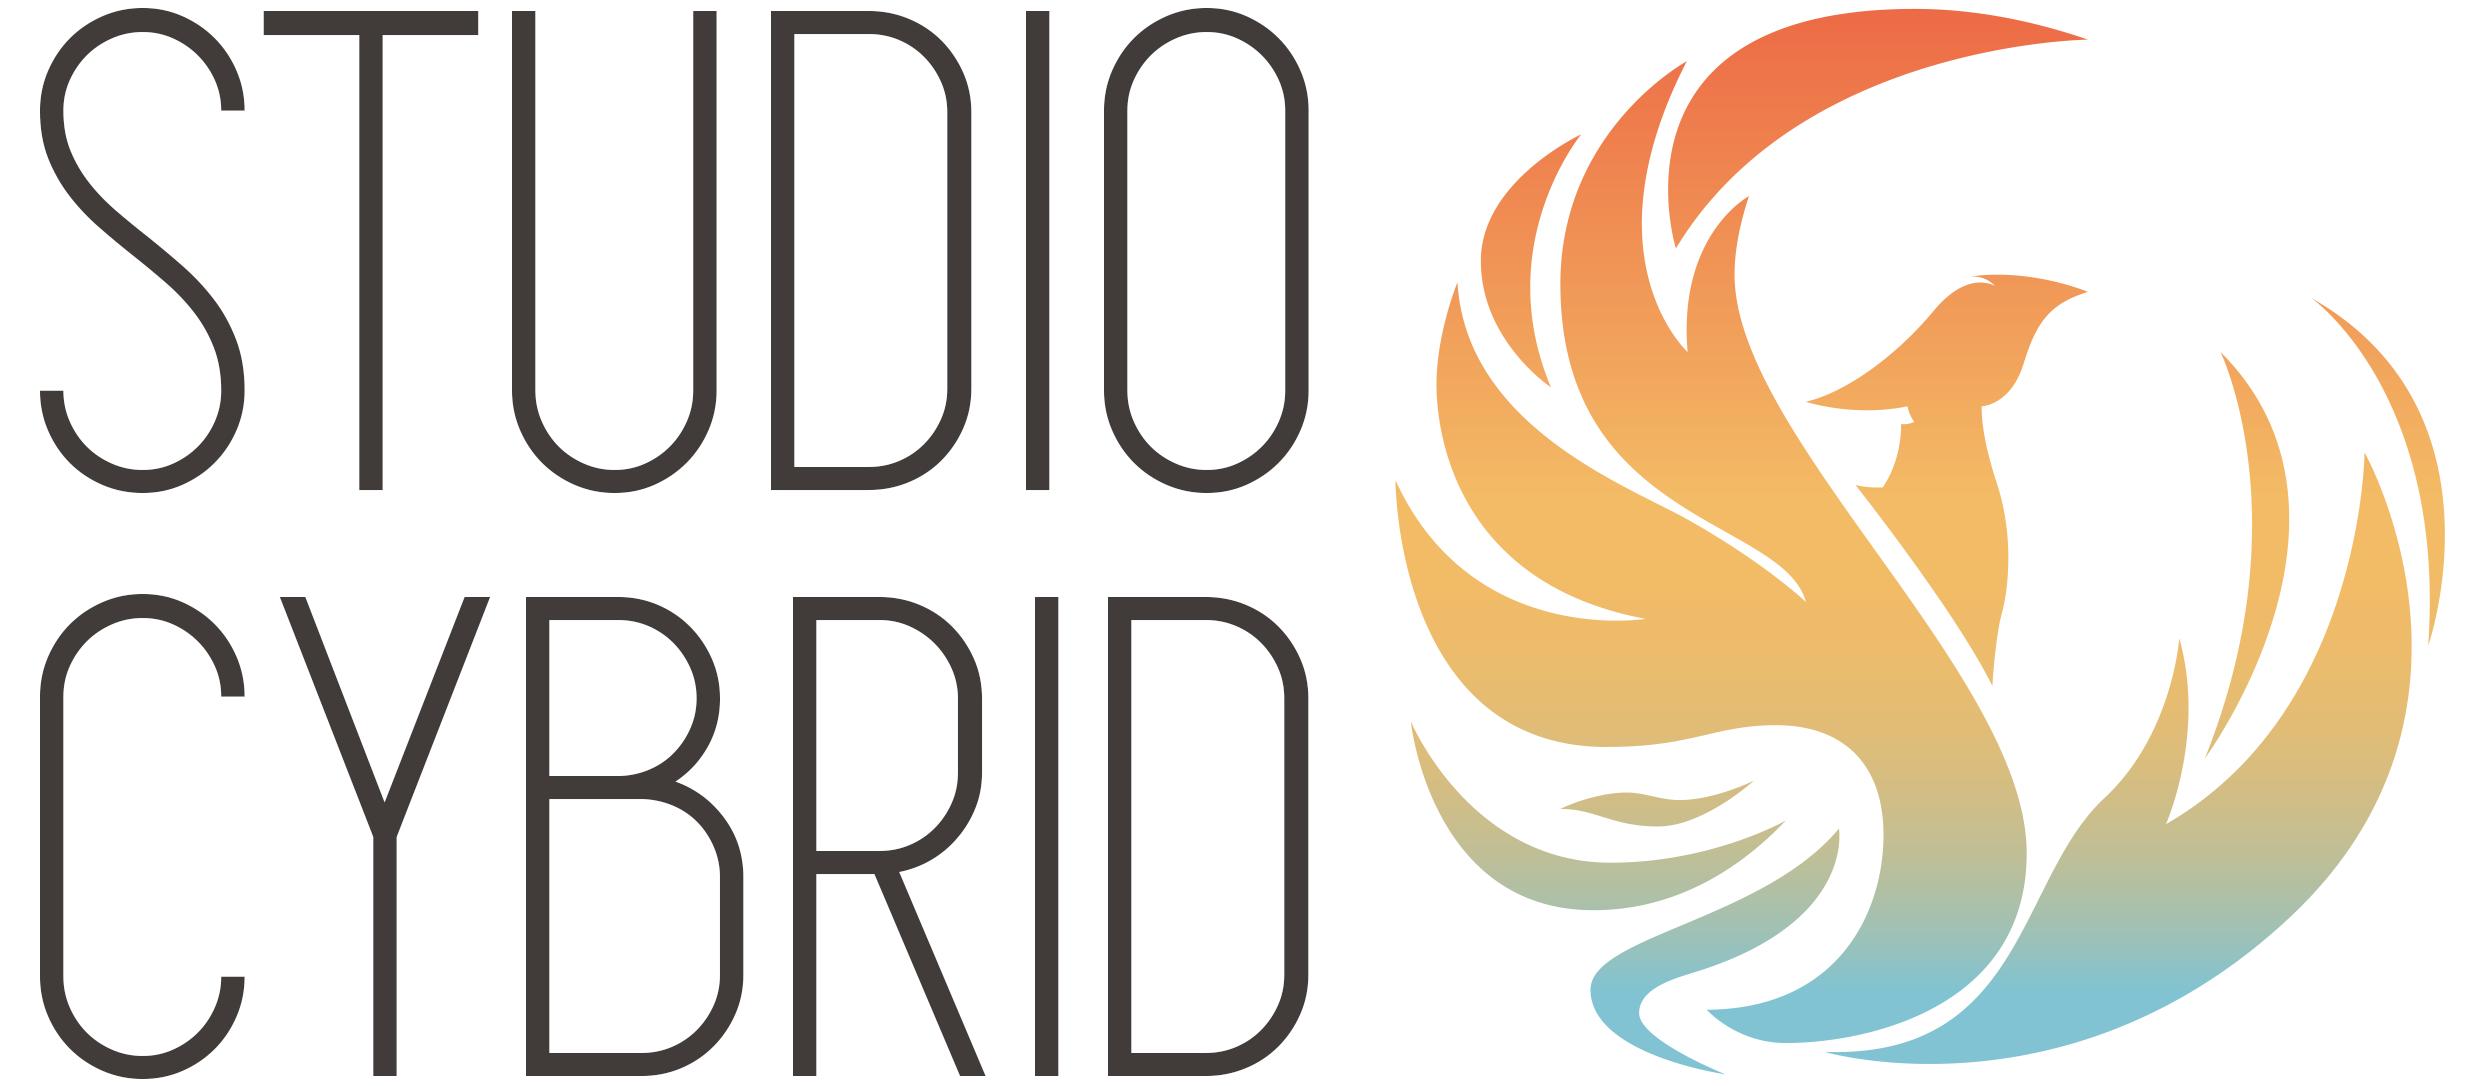 Studio Cybrid